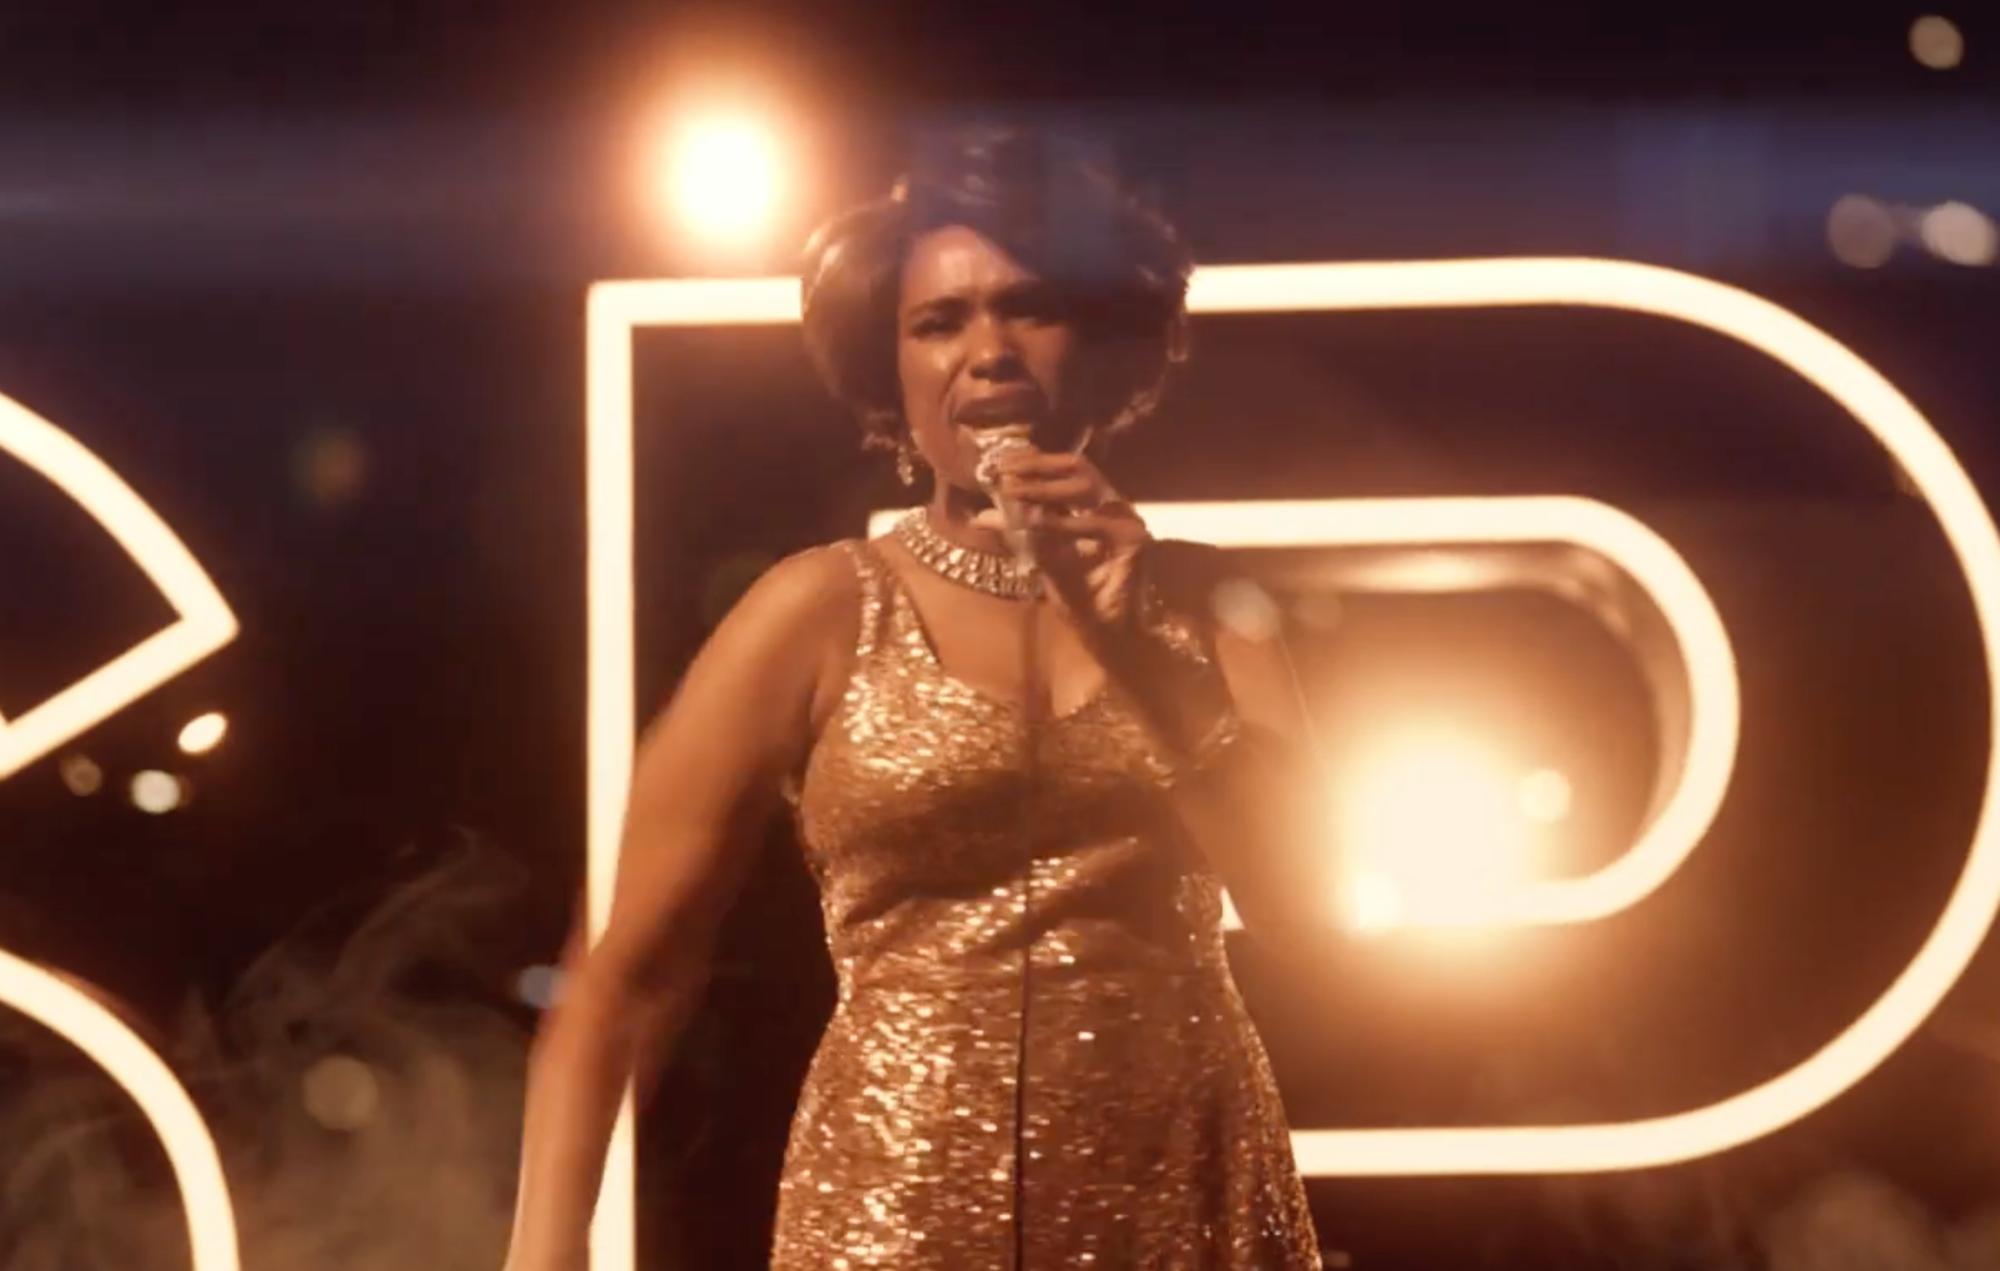 Jennifer Hudson shines as Aretha Franklin in teaser trailer for 'RESPECT'